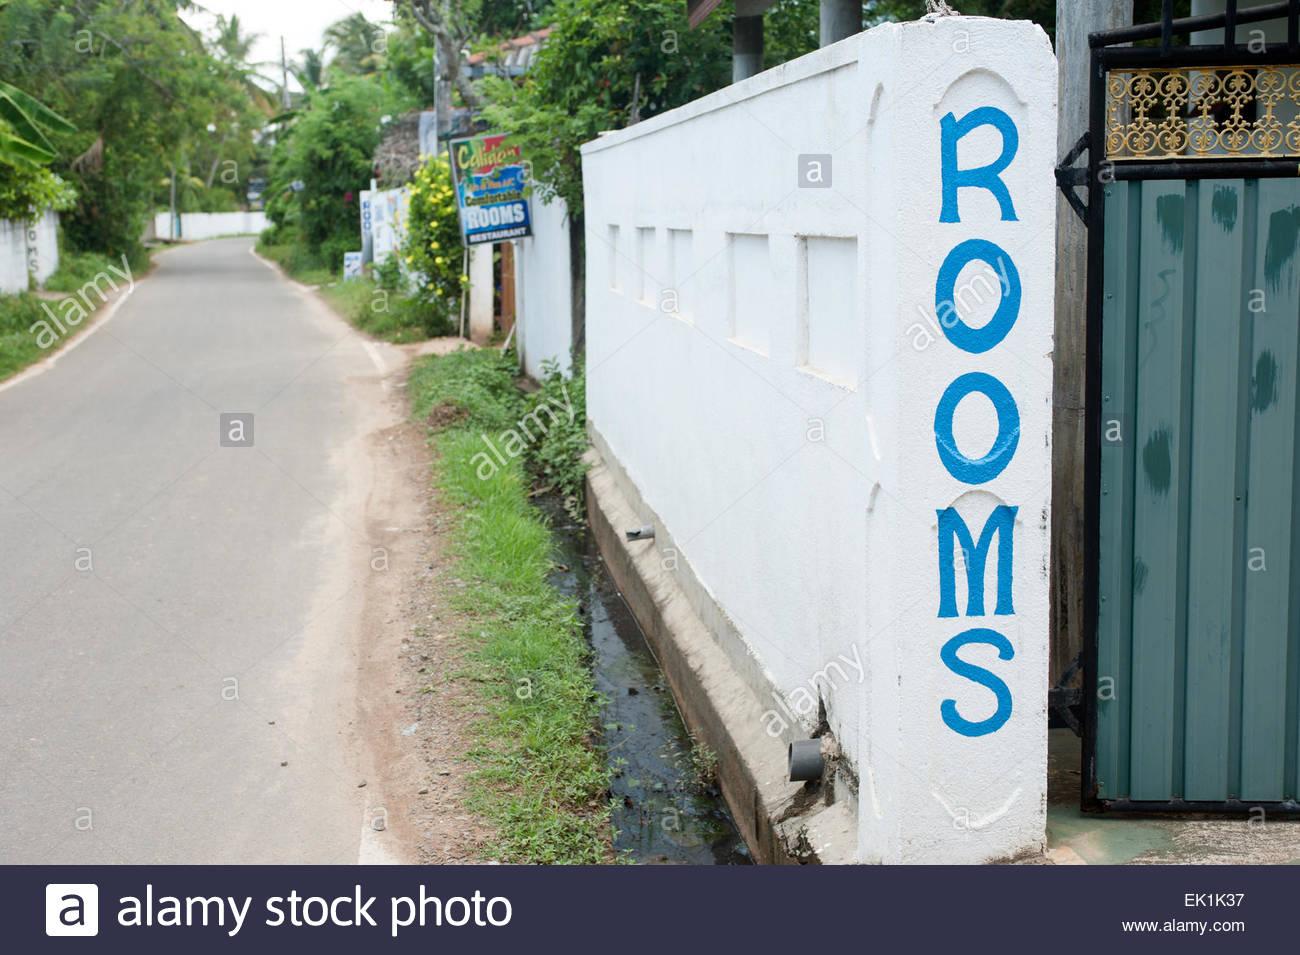 Mirissa Sri Lanka Rooms available - Stock Image